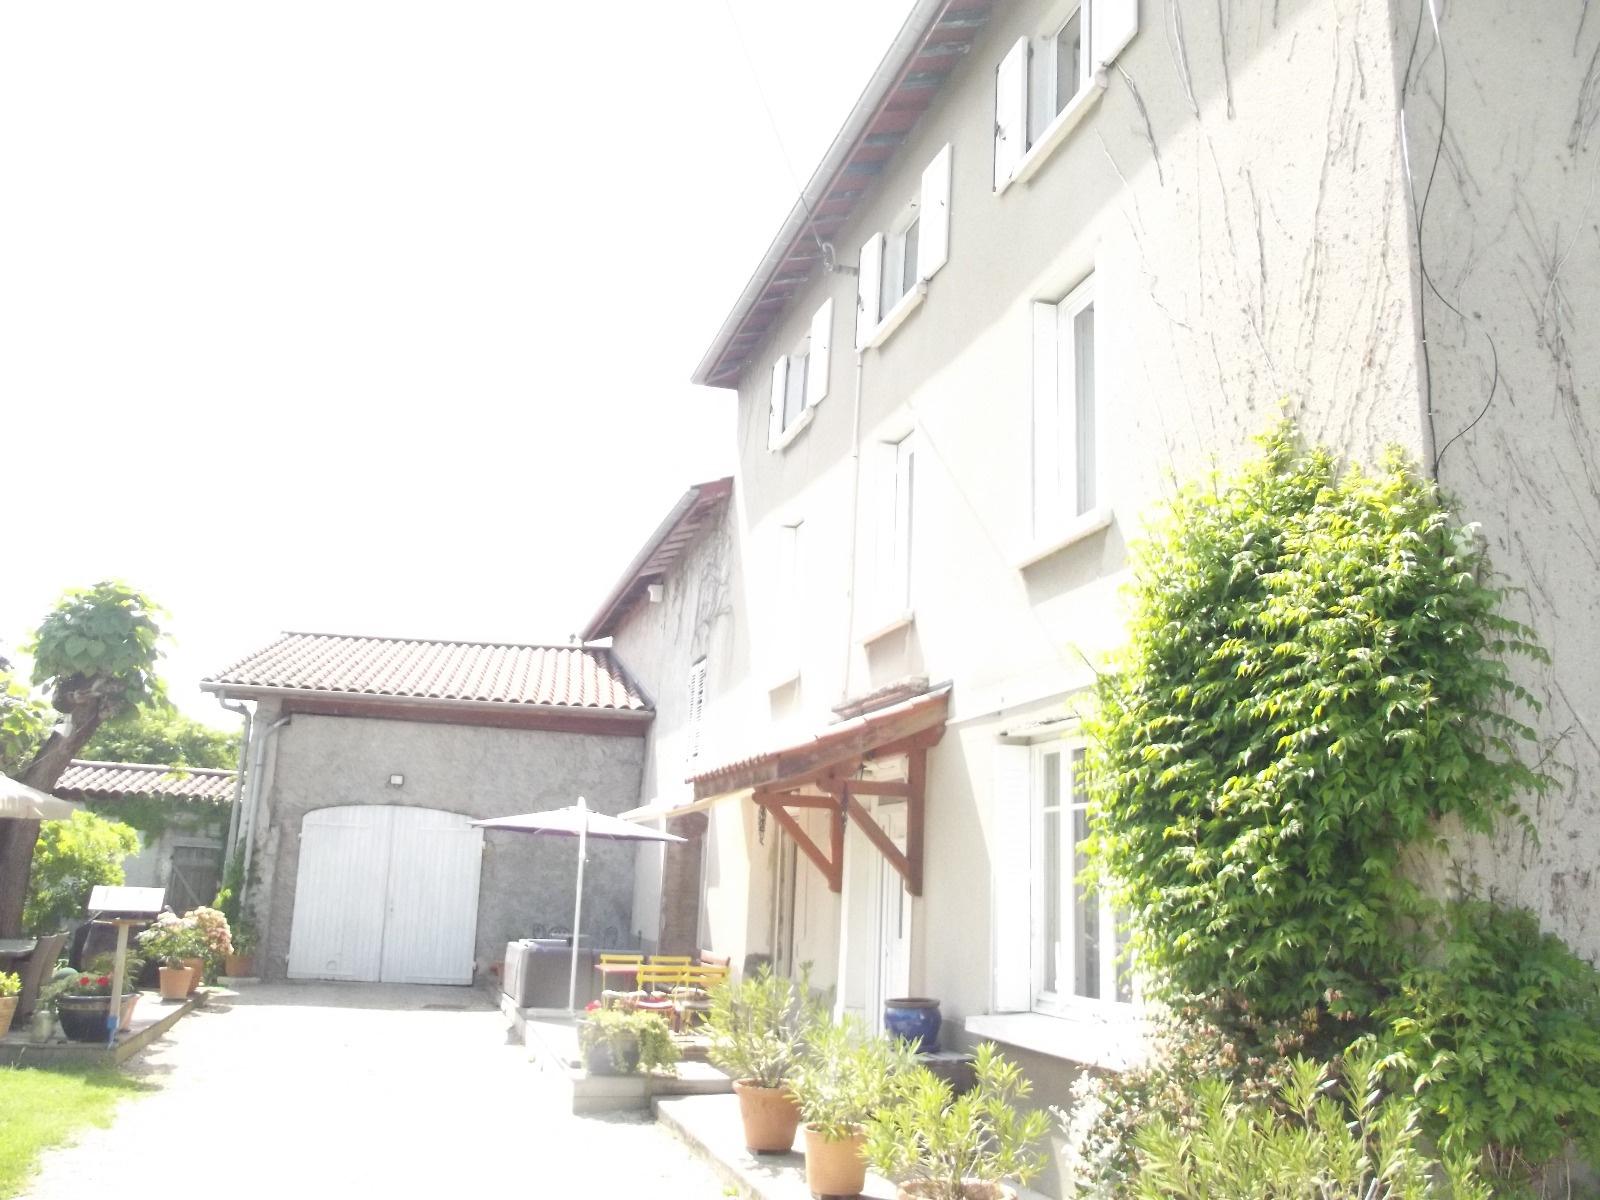 Offres de vente Maison / Villa Saint-Maurice-l'Exil (38550)